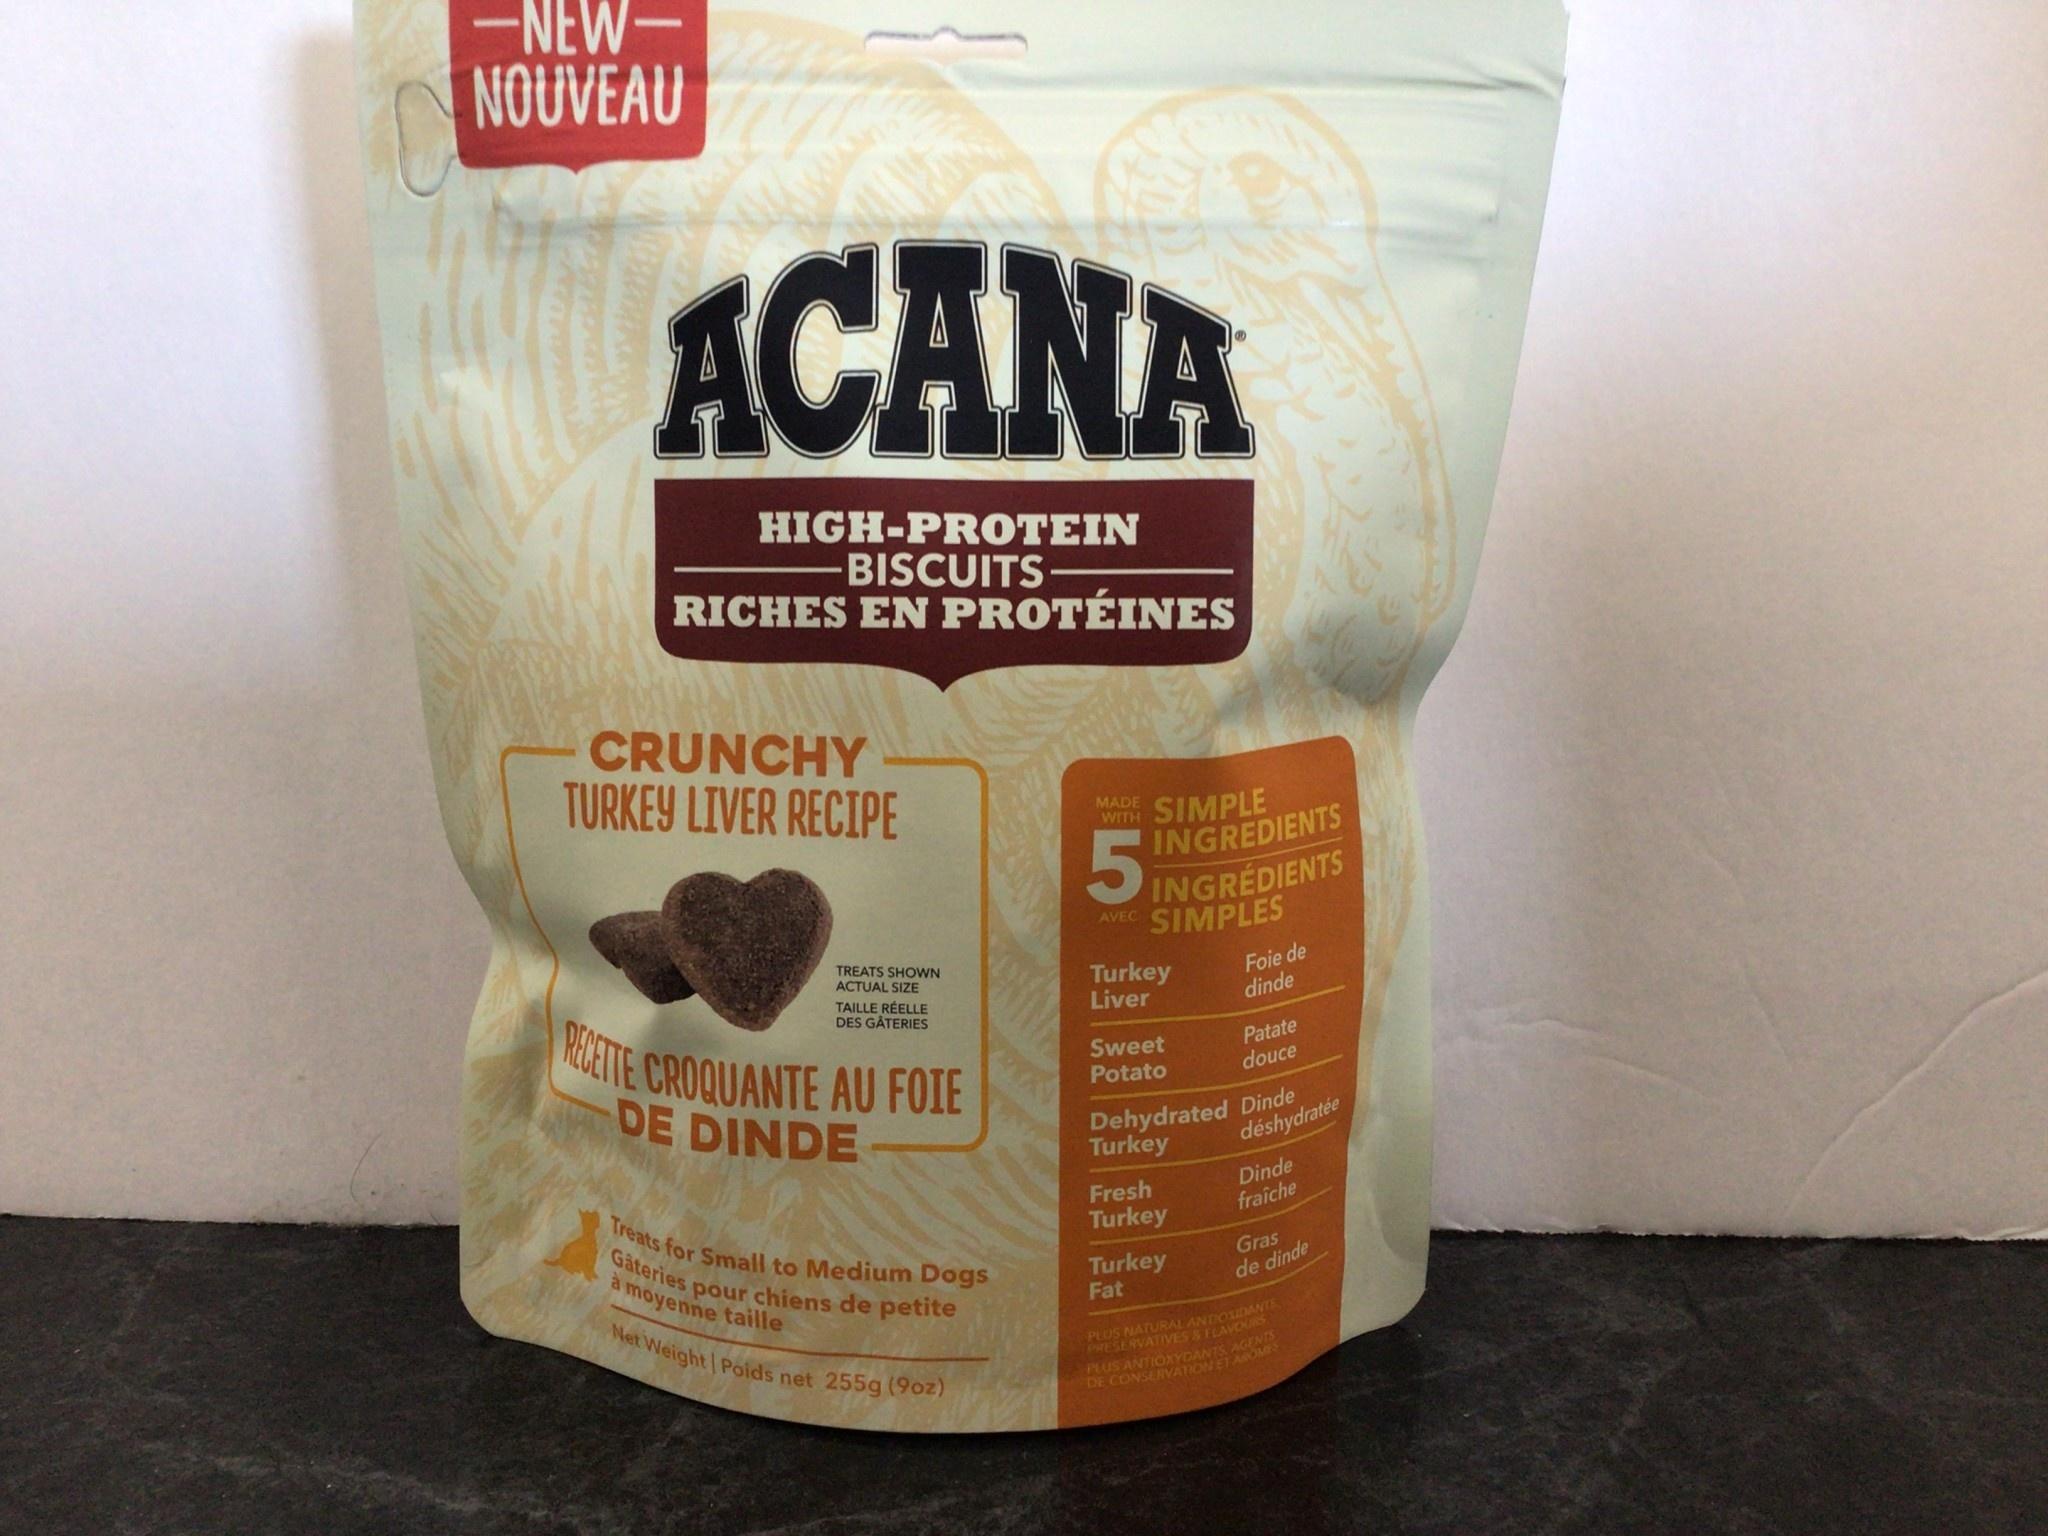 Crunchy Turkey Liver Treat-Small-255gm-1